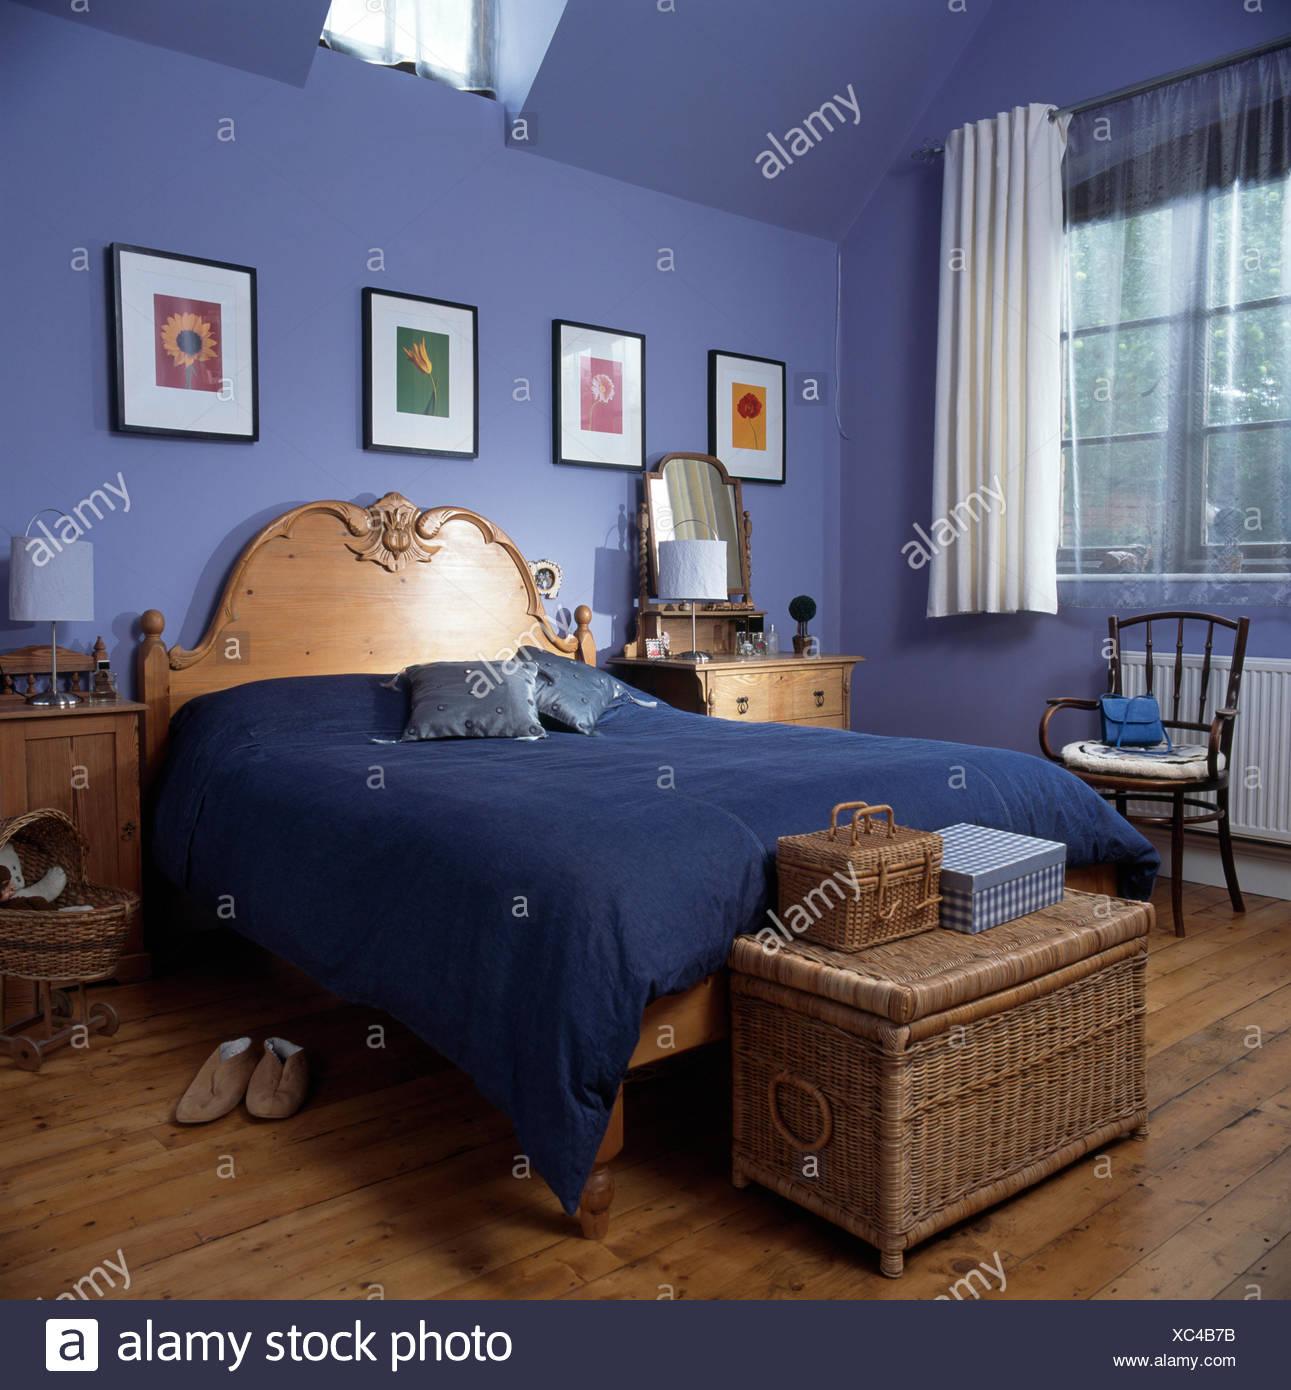 Tolle Schlafzimmer Ideen Deko Bettdecken Bilder - Heimat Ideen ...